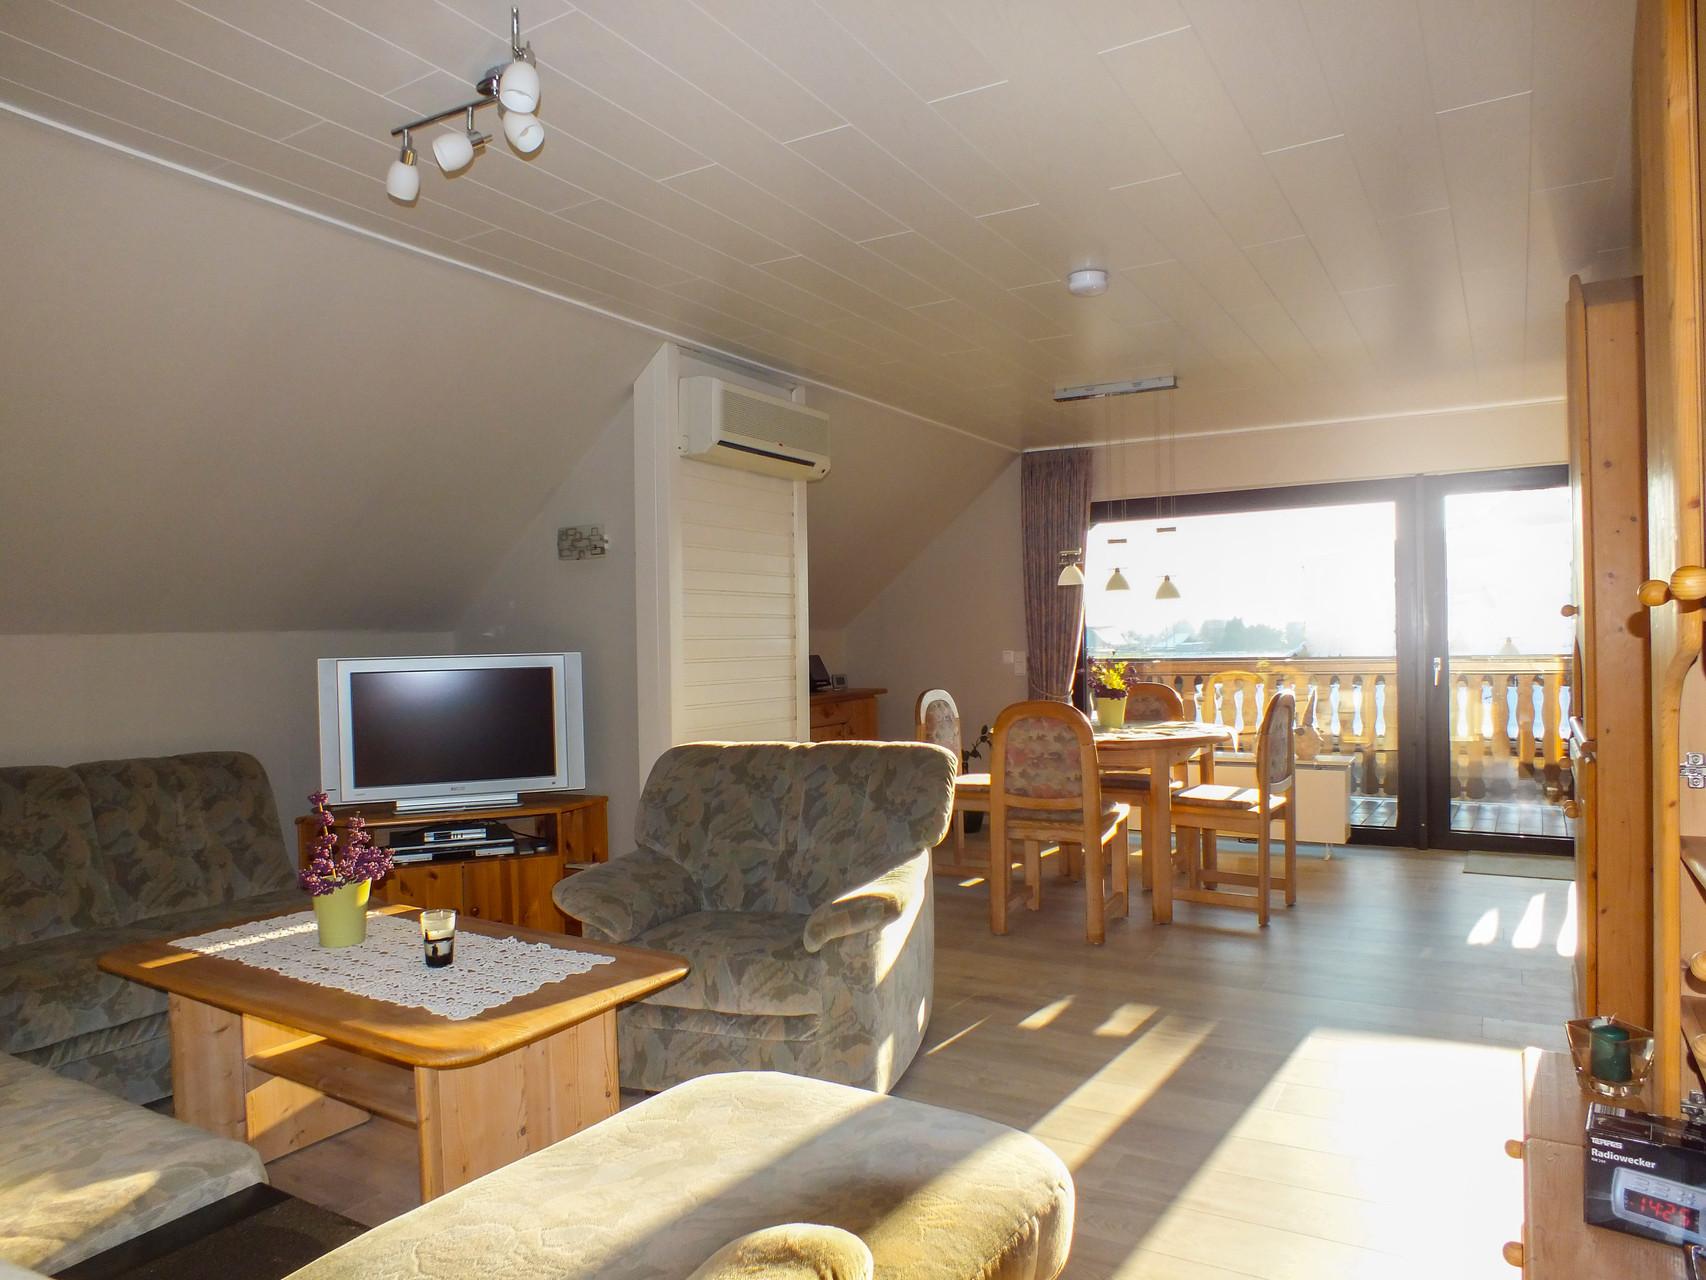 Wohnzimmer esszimmer ferienwohnung emmerich for 7 1 wohnzimmer